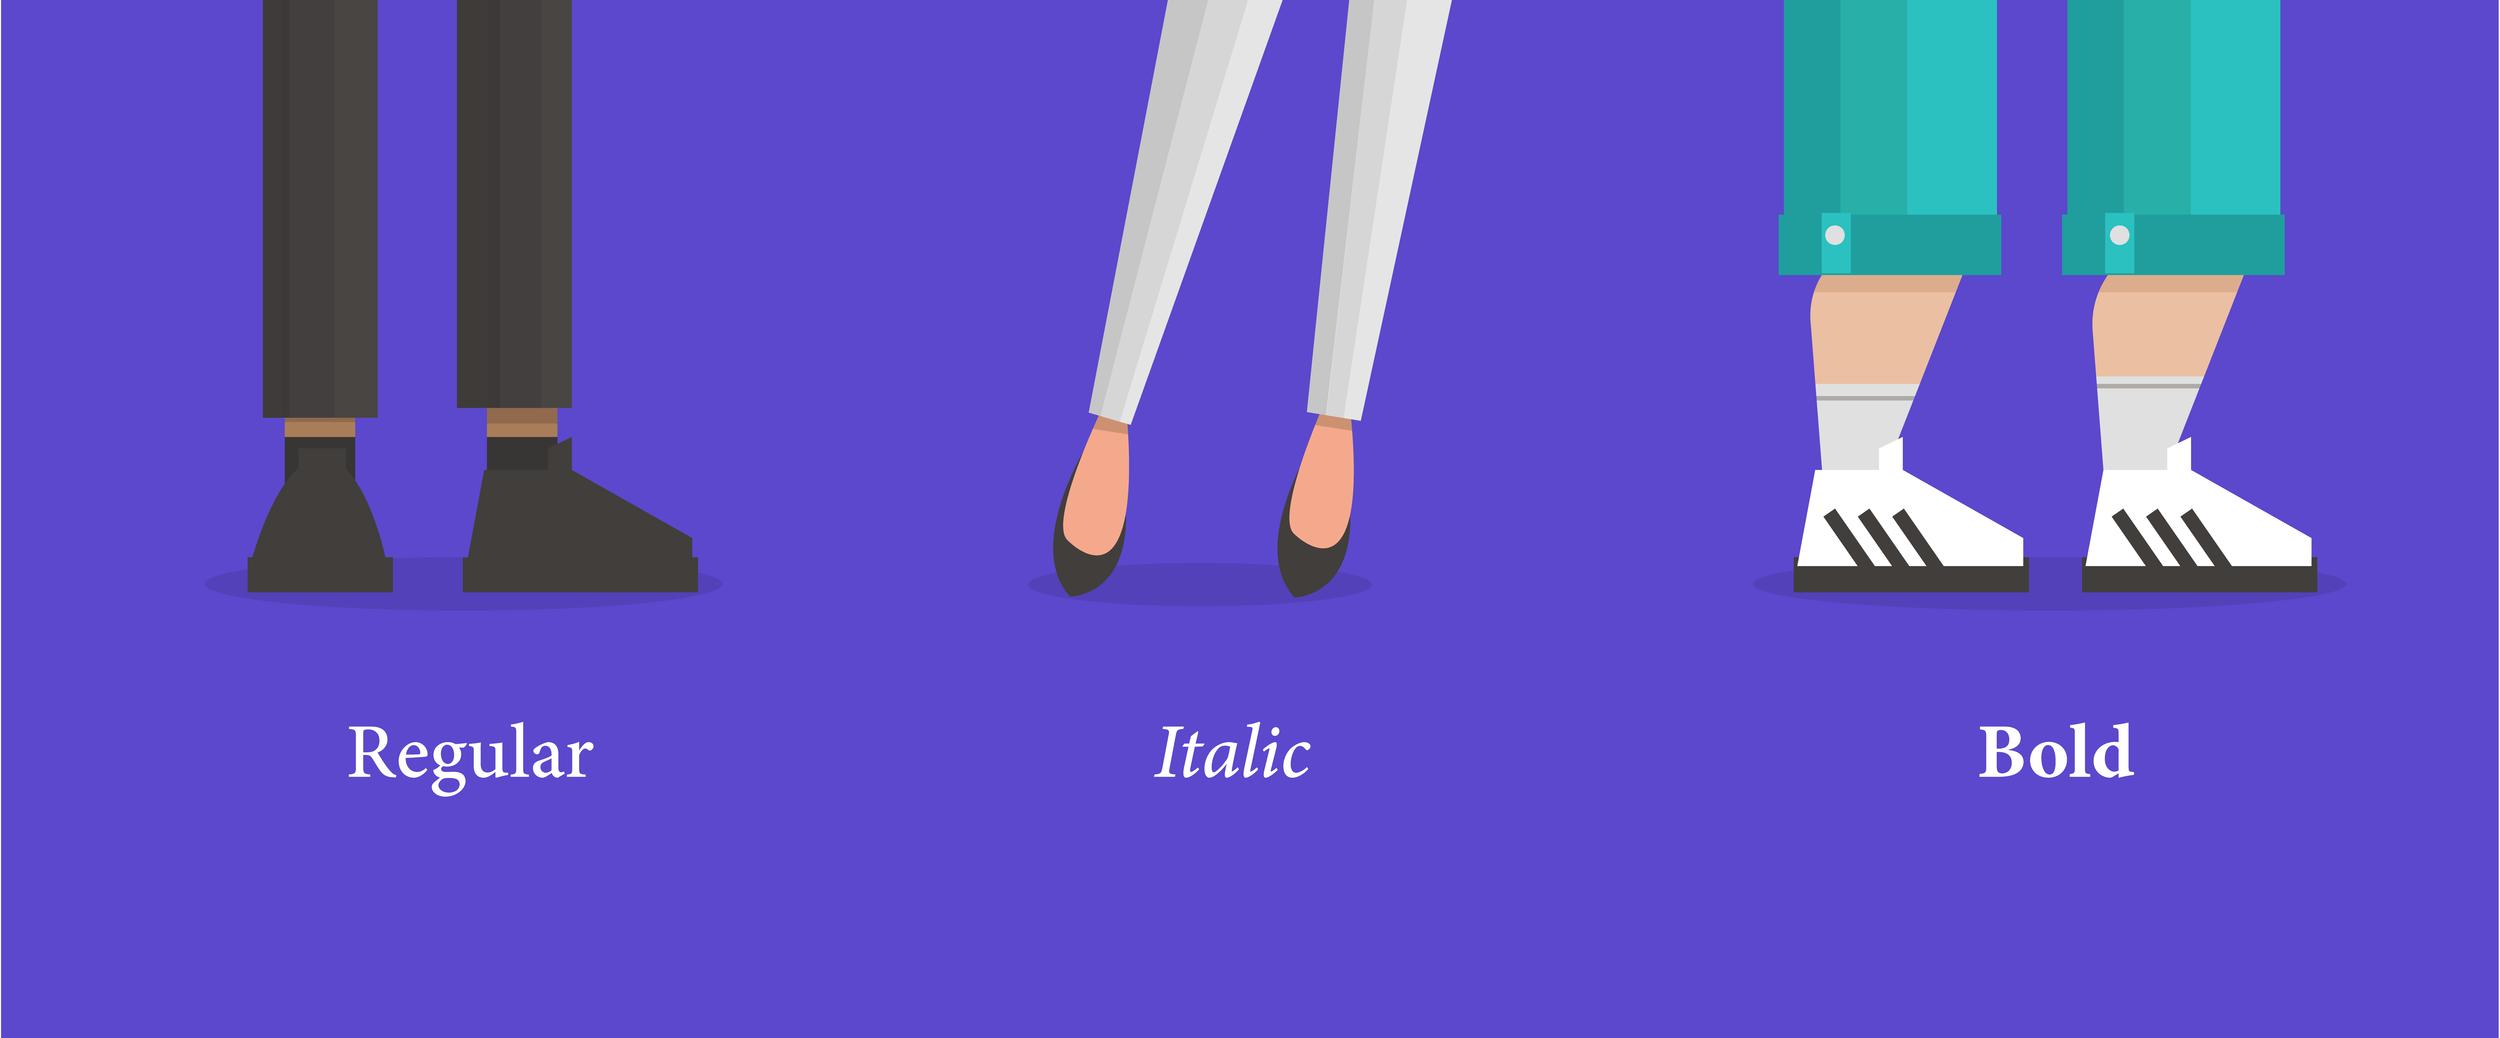 regular italic bold-01.png